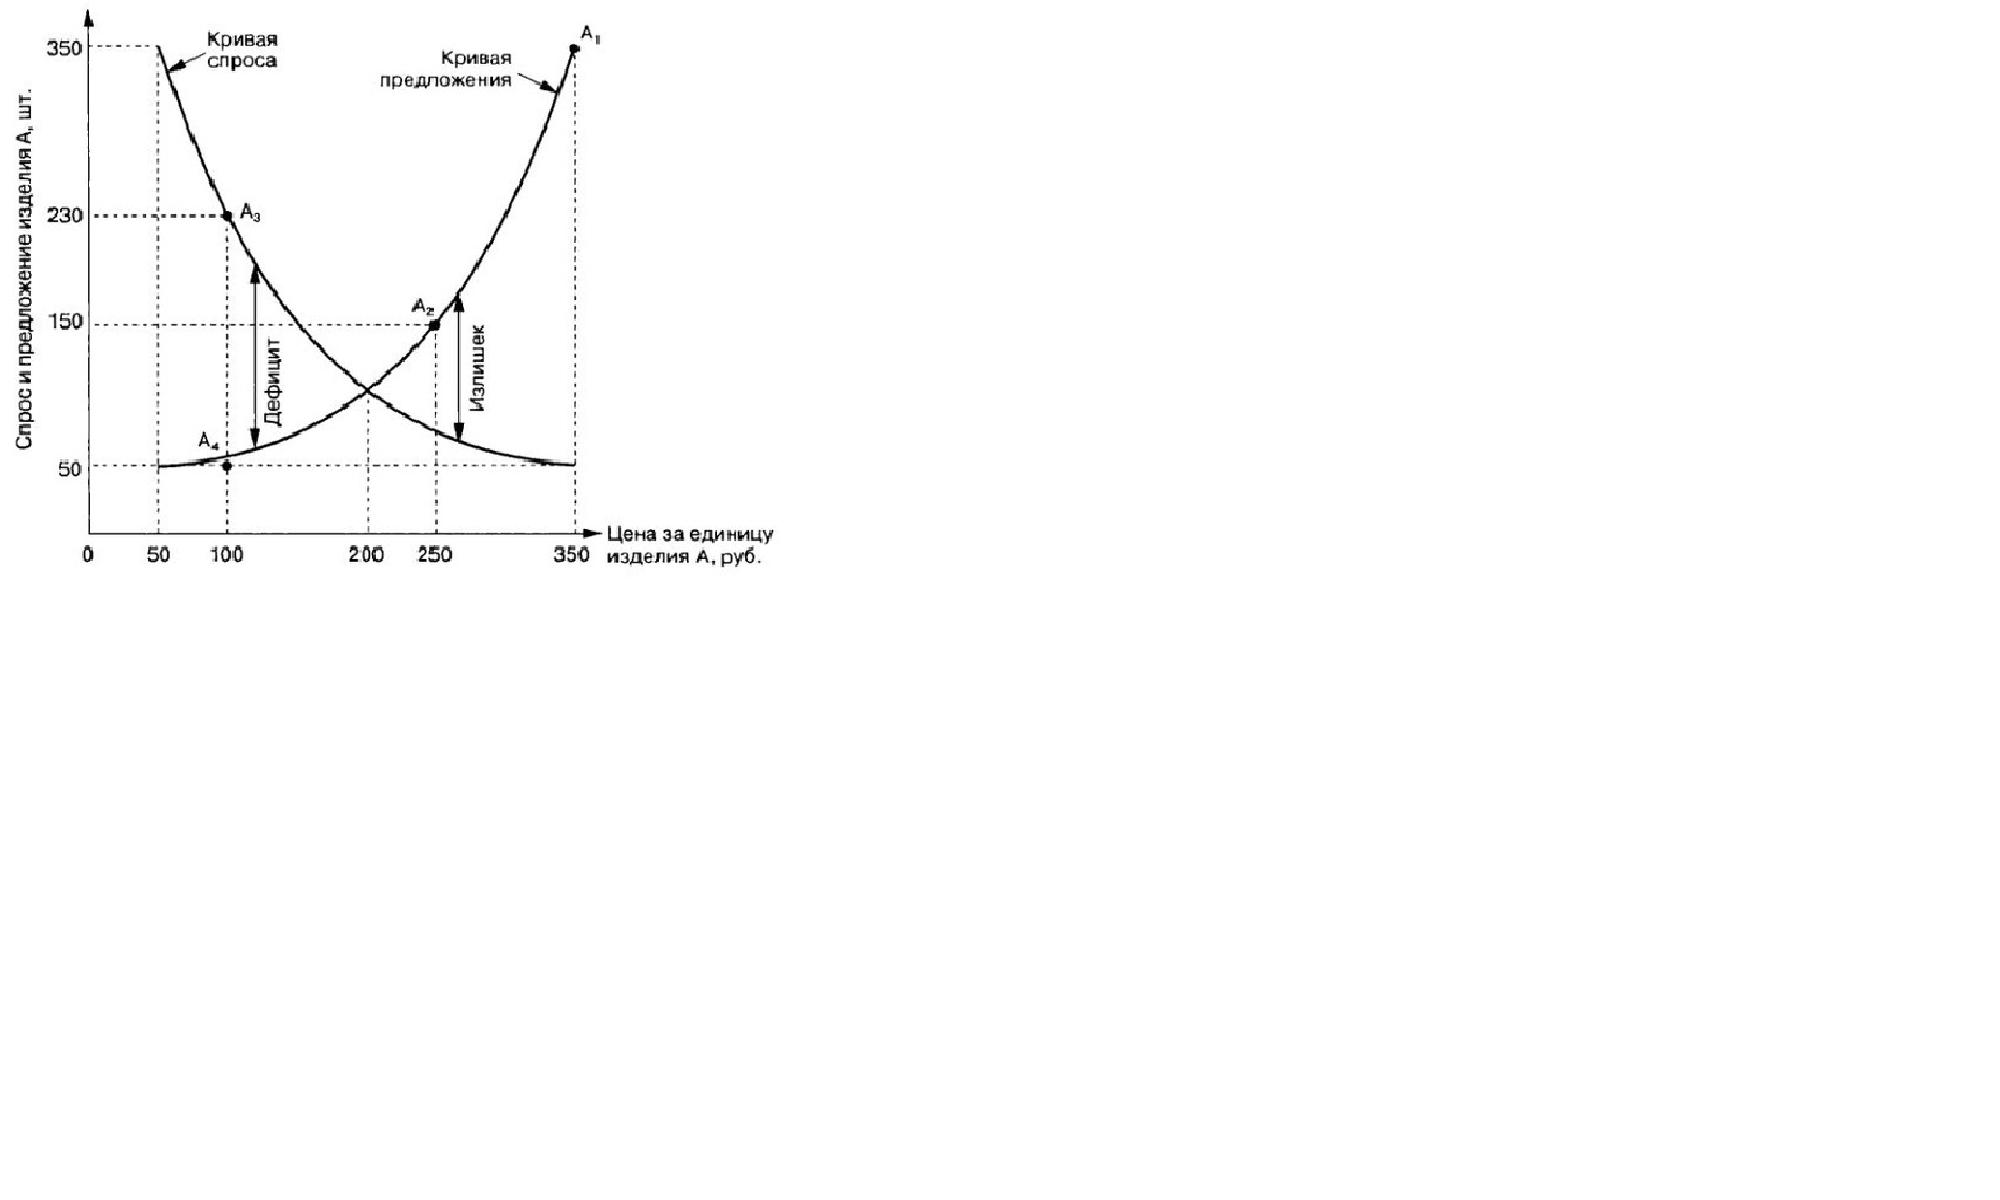 На графике 1 приводится типичная рыночная модель изменения спроса и предложения под влиянием различных факторов.  График 1 Действие закона спроса и предложения в рыночной экономике  Types of Business Models Pdf - Business Model. D: BooksModelsChapter1a. P. 17. January 2015. //https://businessmodeladev.blogspot.com